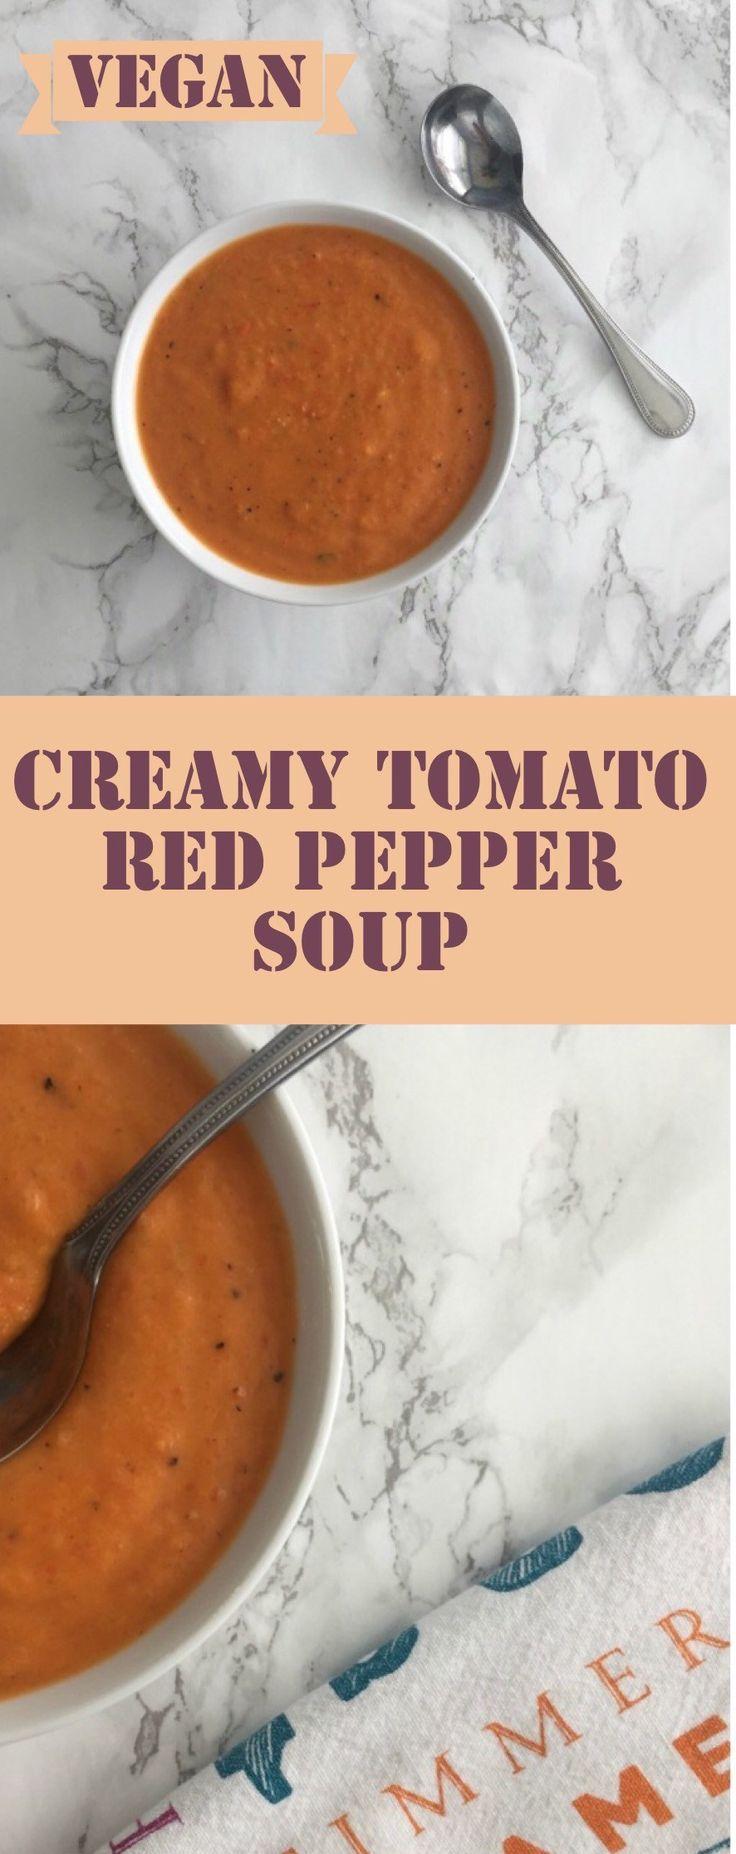 Creamy Tomato Red Pepper Soup